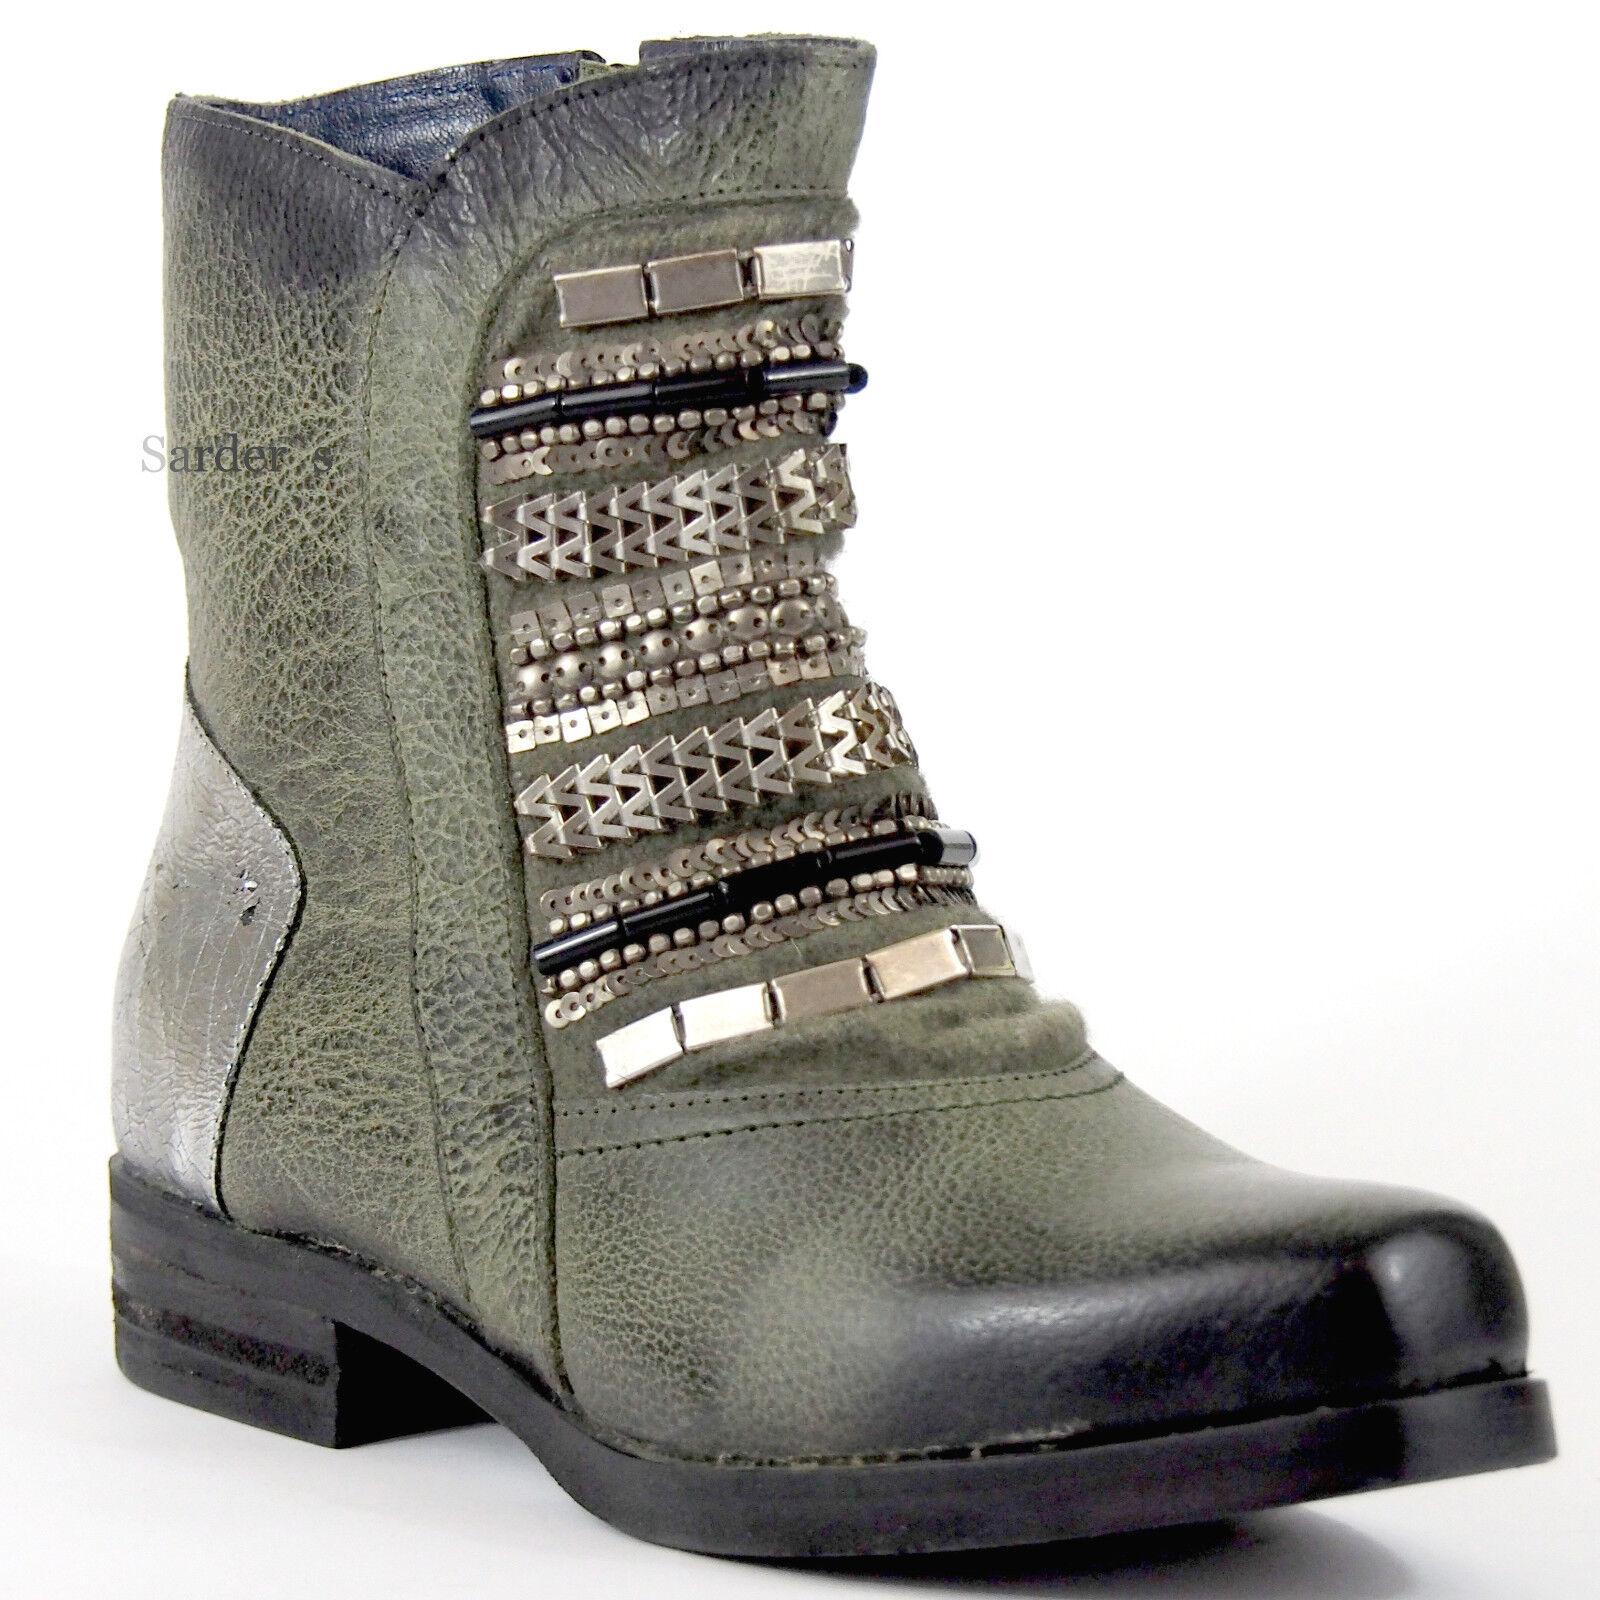 Xyxyx Stivaletti 37 Pelle Nappa verde oliva argento used Boots GIOIELLI HANDMADE così NUOVO